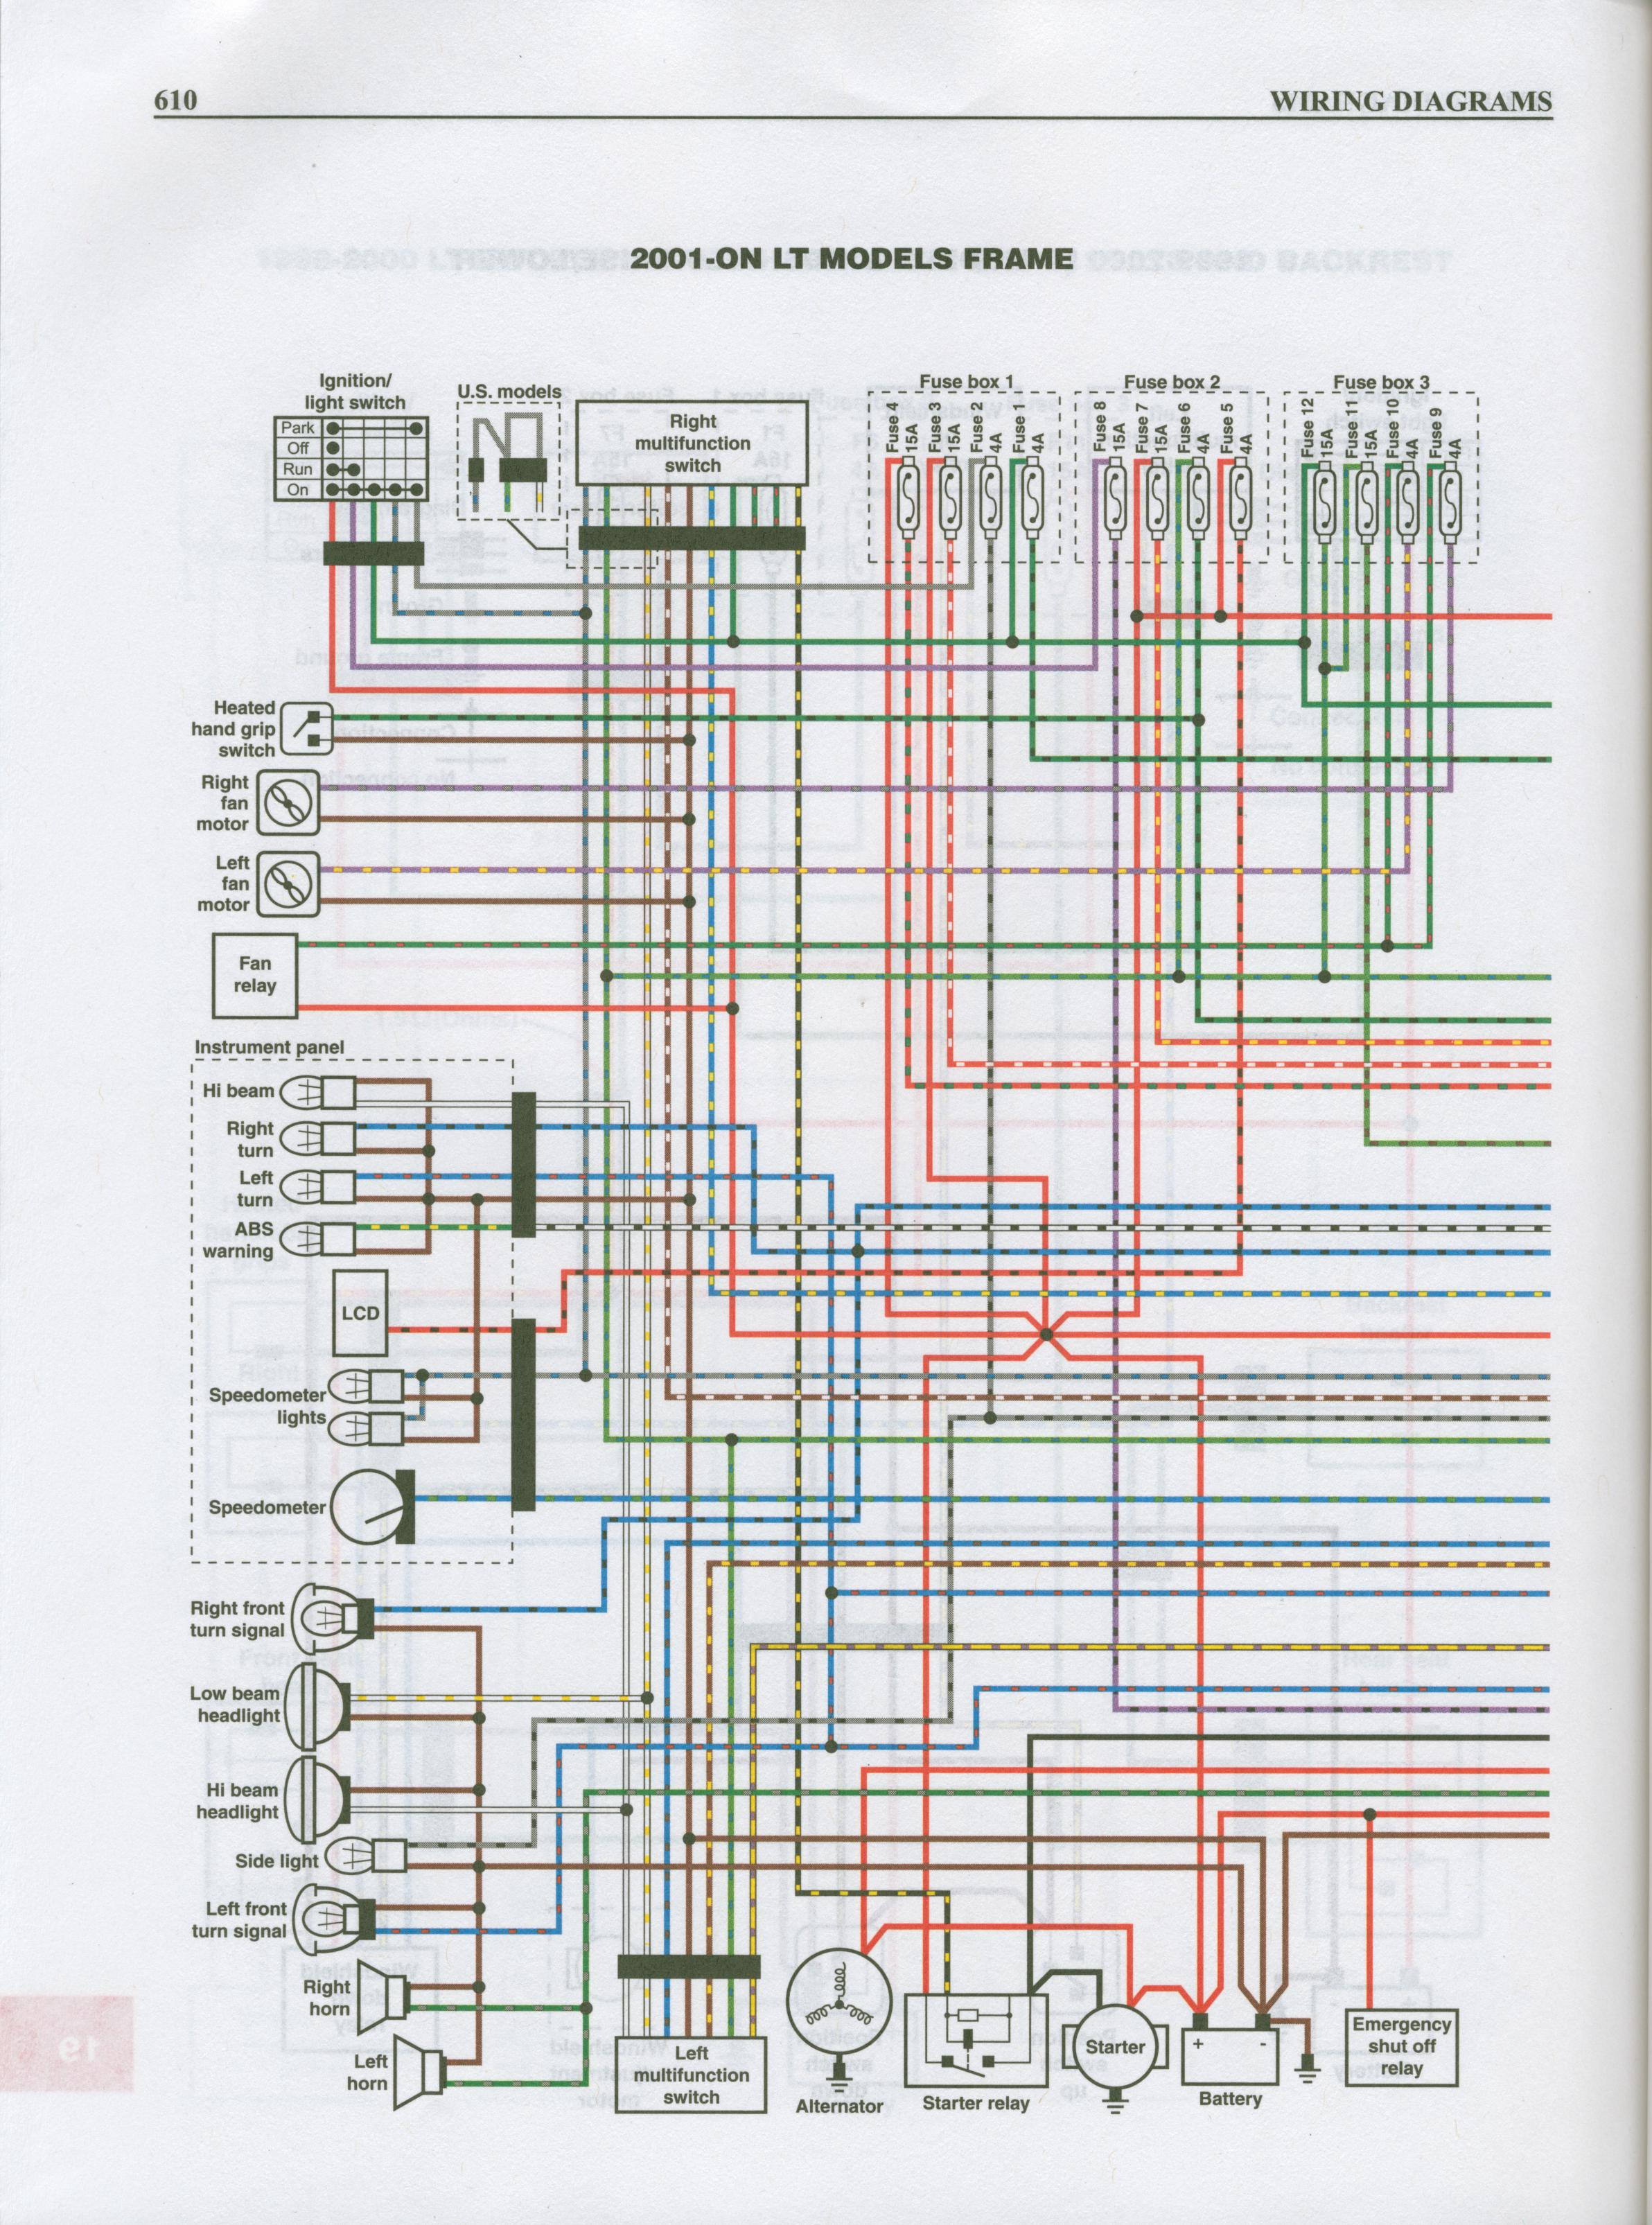 DIAGRAM] Fuel Wiring Diagram 2003 Bmw FULL Version HD Quality 2003 Bmw -  DIAGRAMTALK.SORAGNAWEB.IT Soragna Web